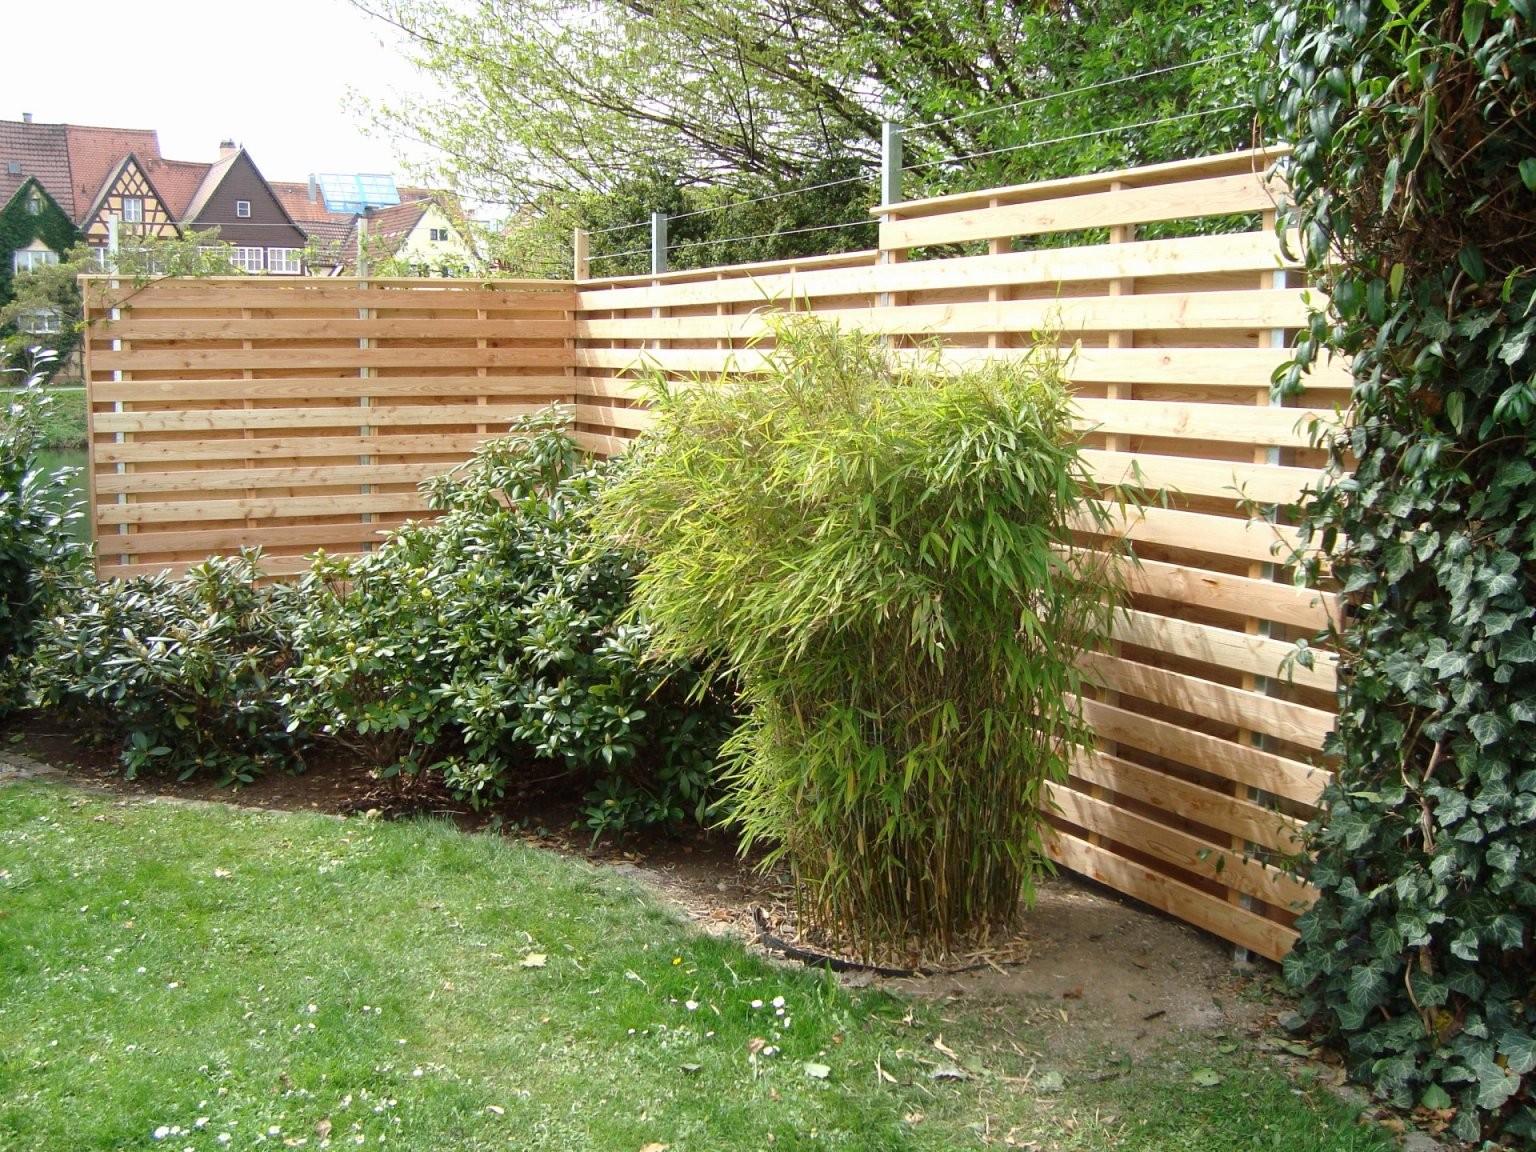 Moderner Sichtschutz Für Garten Einzigartig Kleine Garten Für Design von Moderner Sichtschutz Im Garten Photo